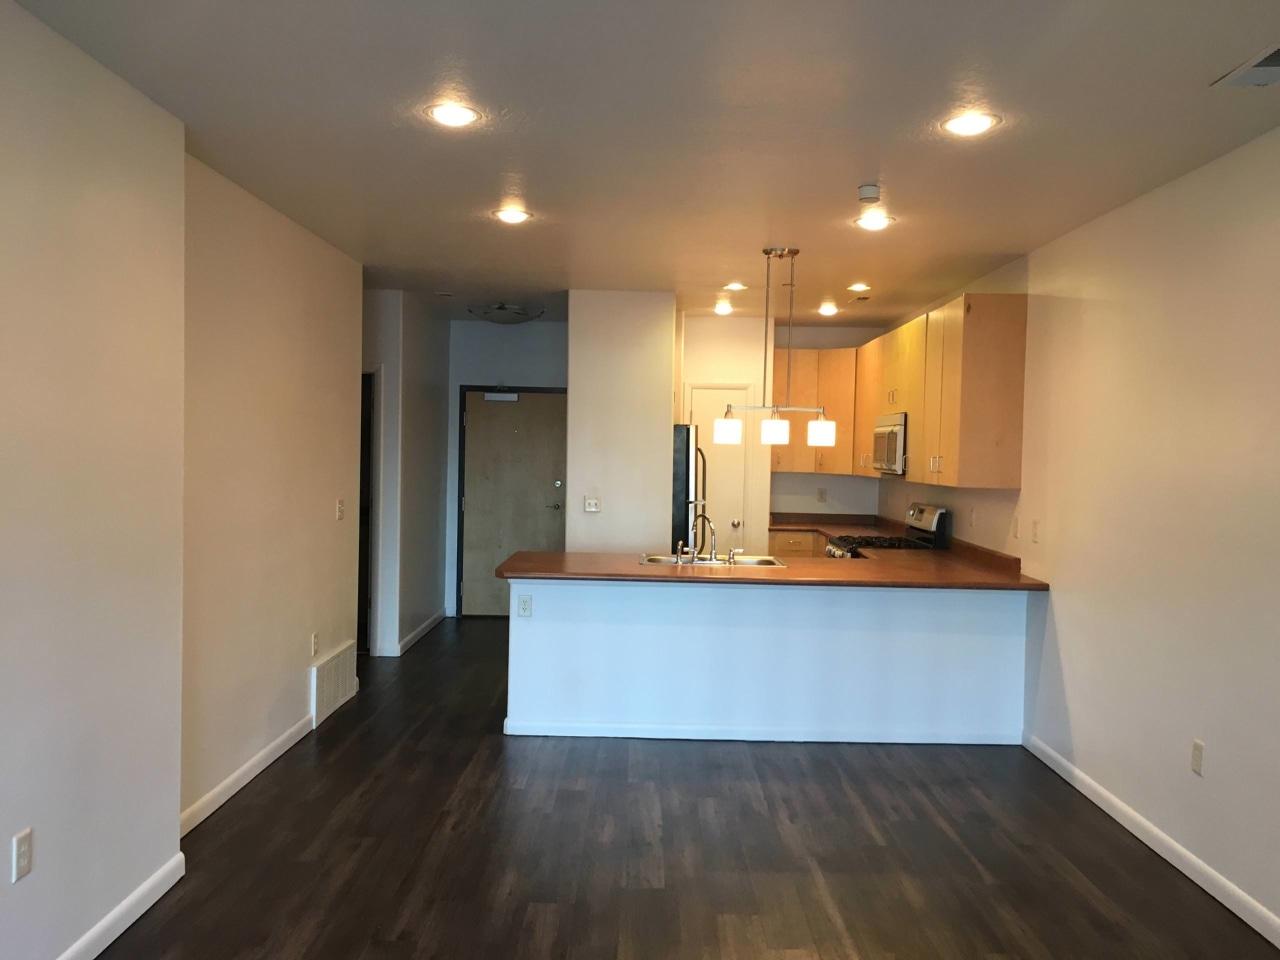 Axis at 739 Apartments